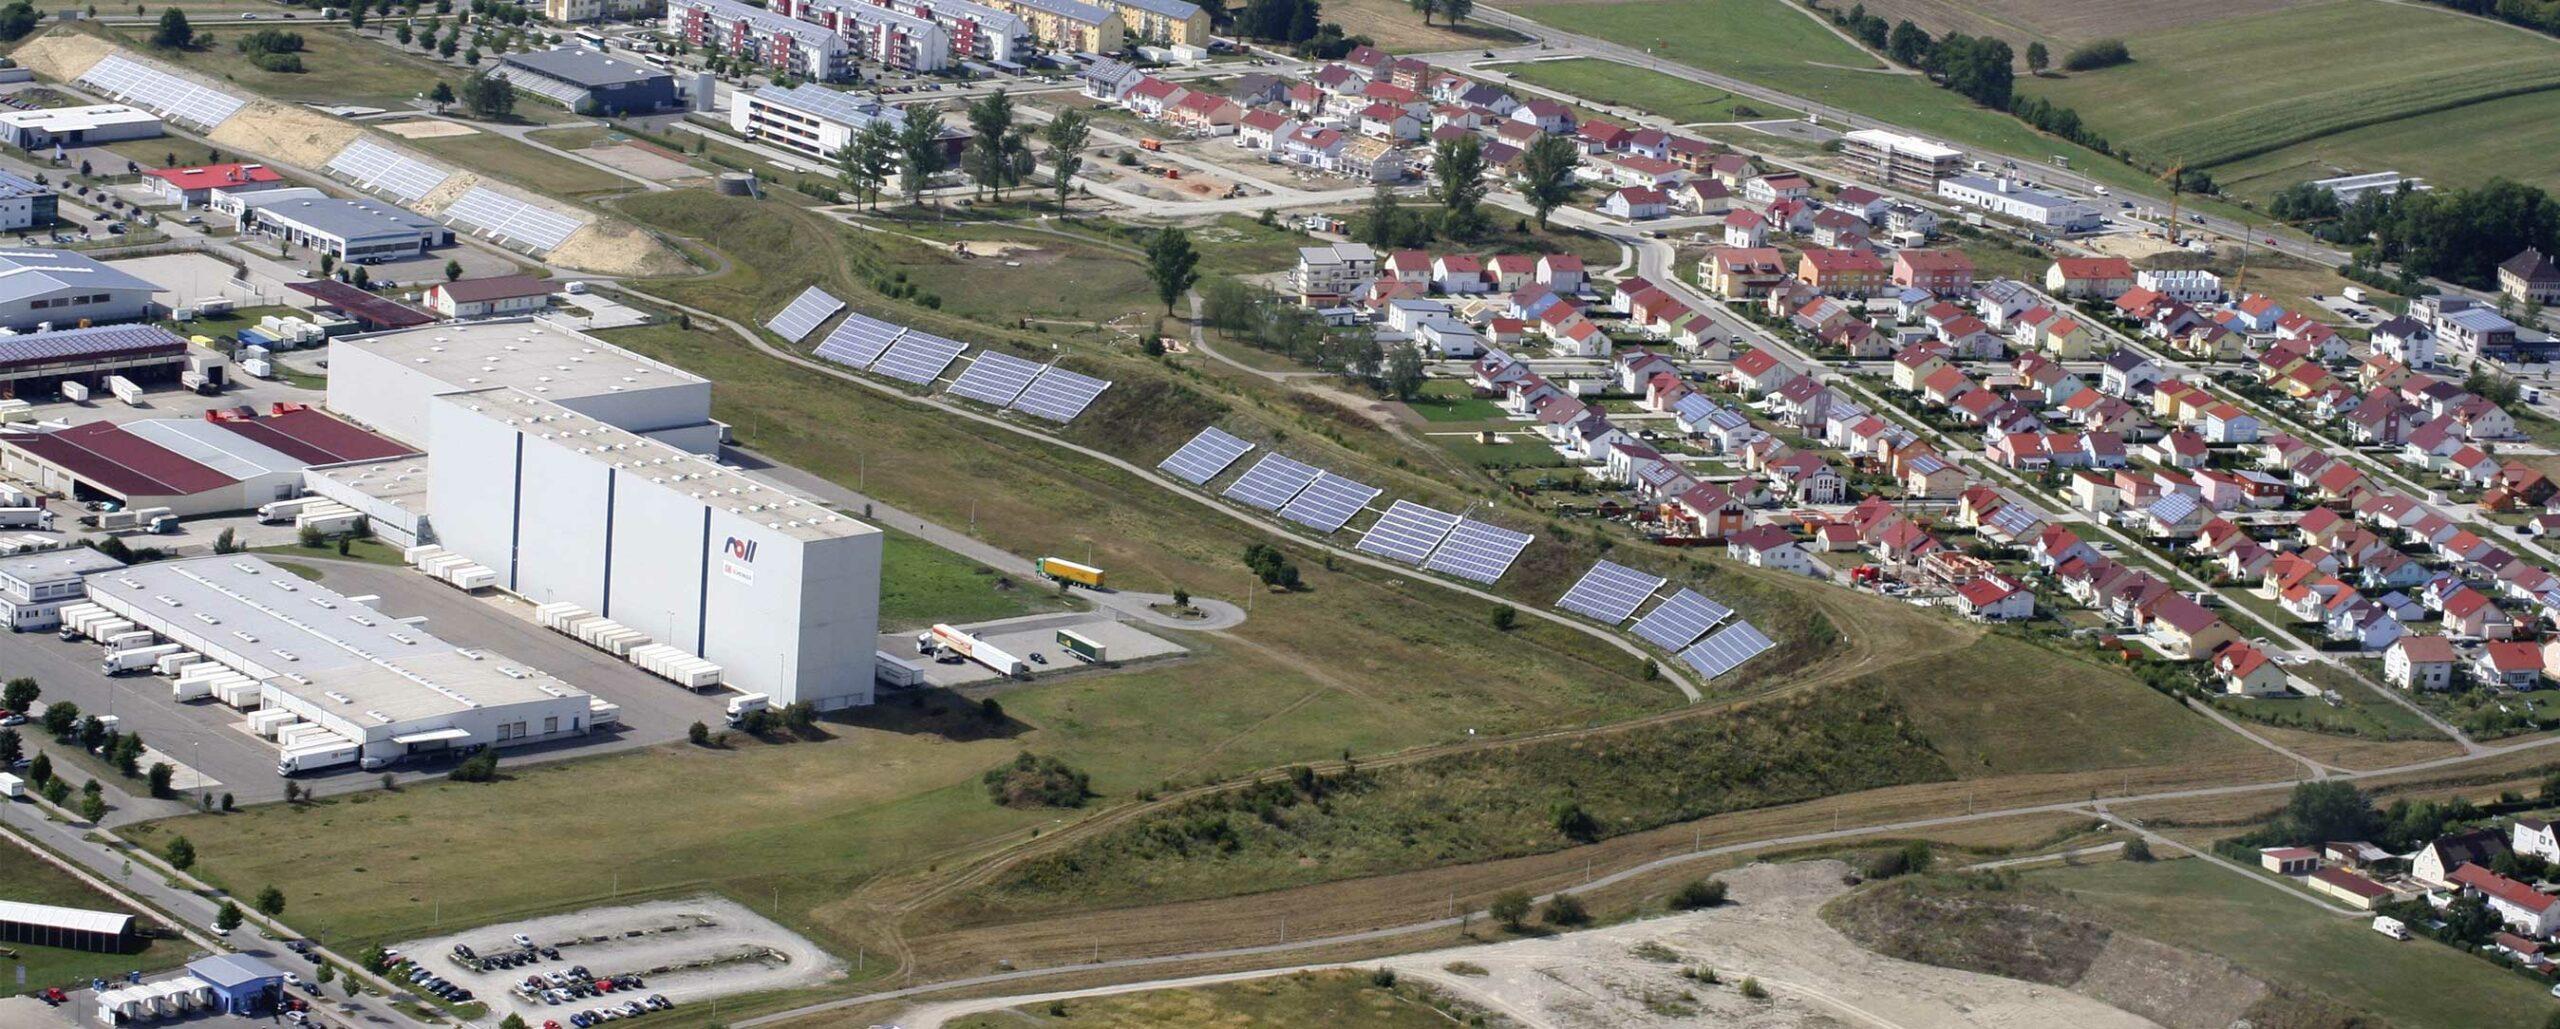 Solarthermie Hirtenwiesen Crailsheim Luftbild